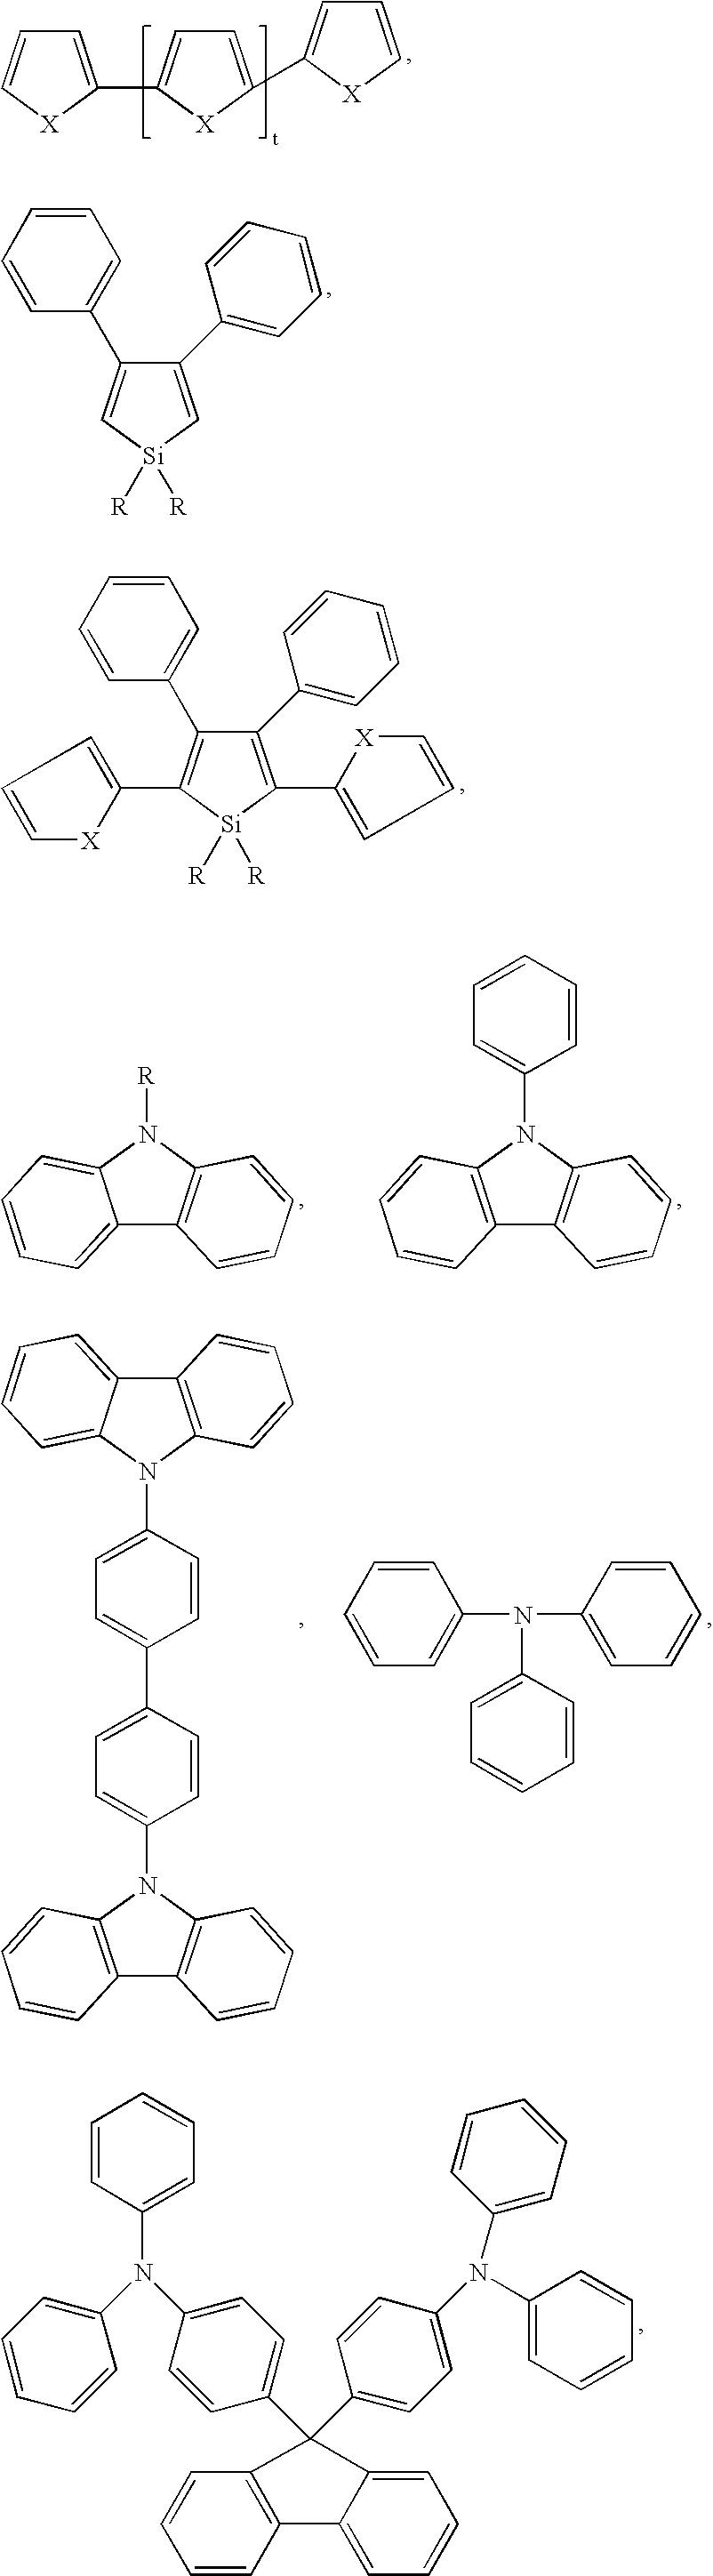 Figure US20070107835A1-20070517-C00027